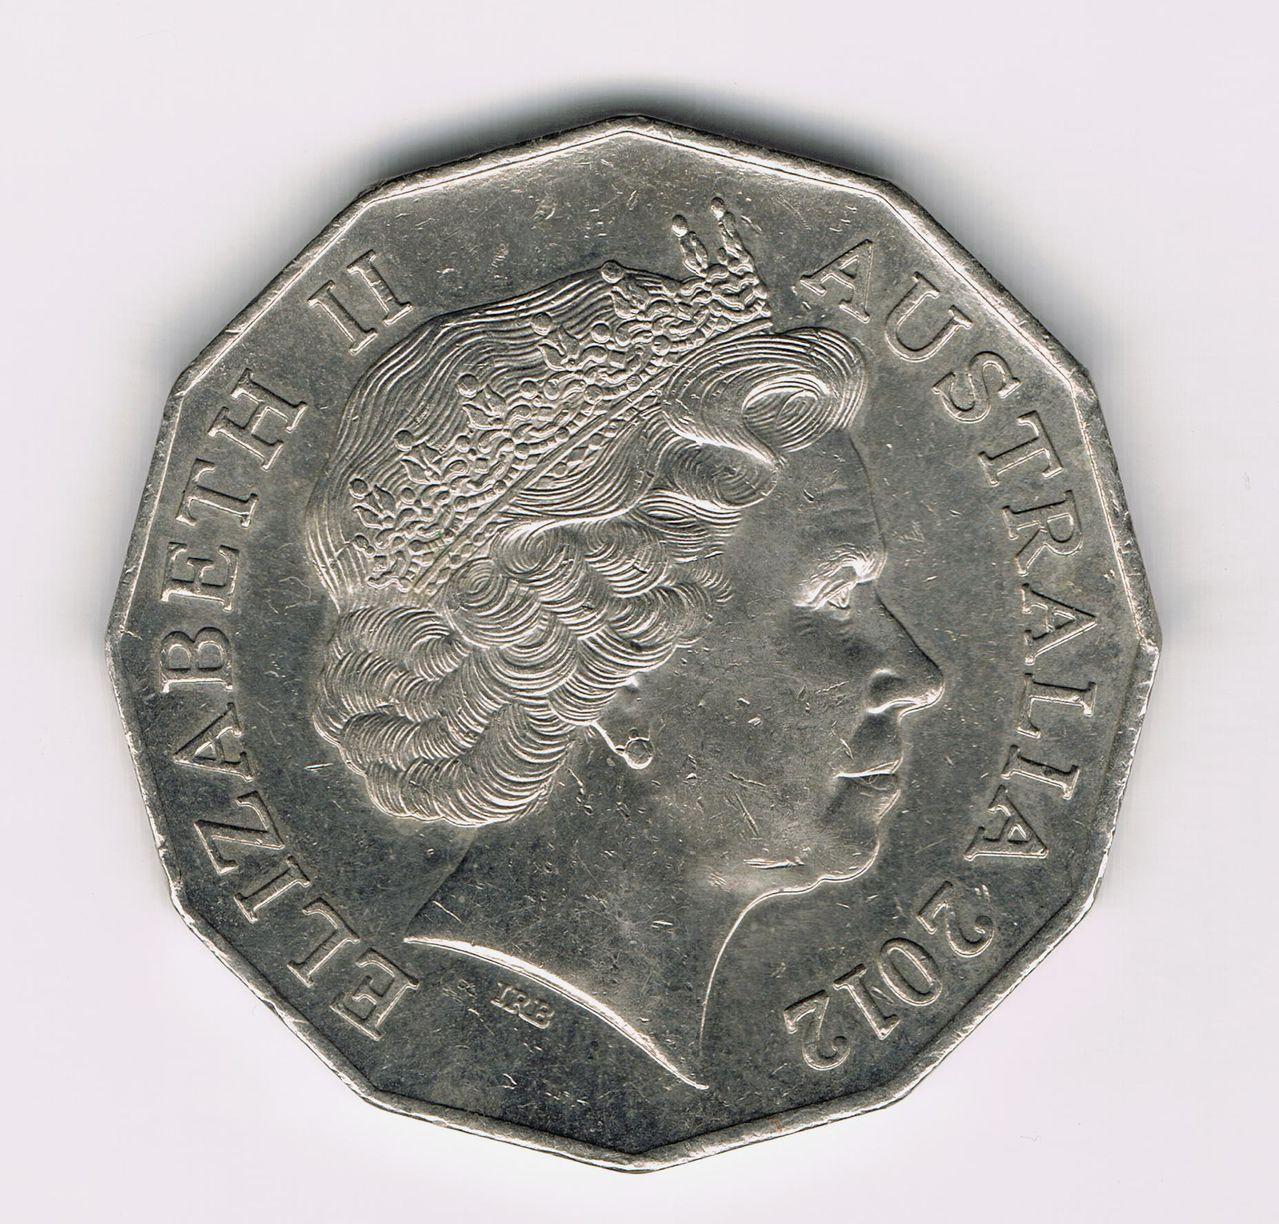 50 centavos Australia 2012 50_Cent_Australia